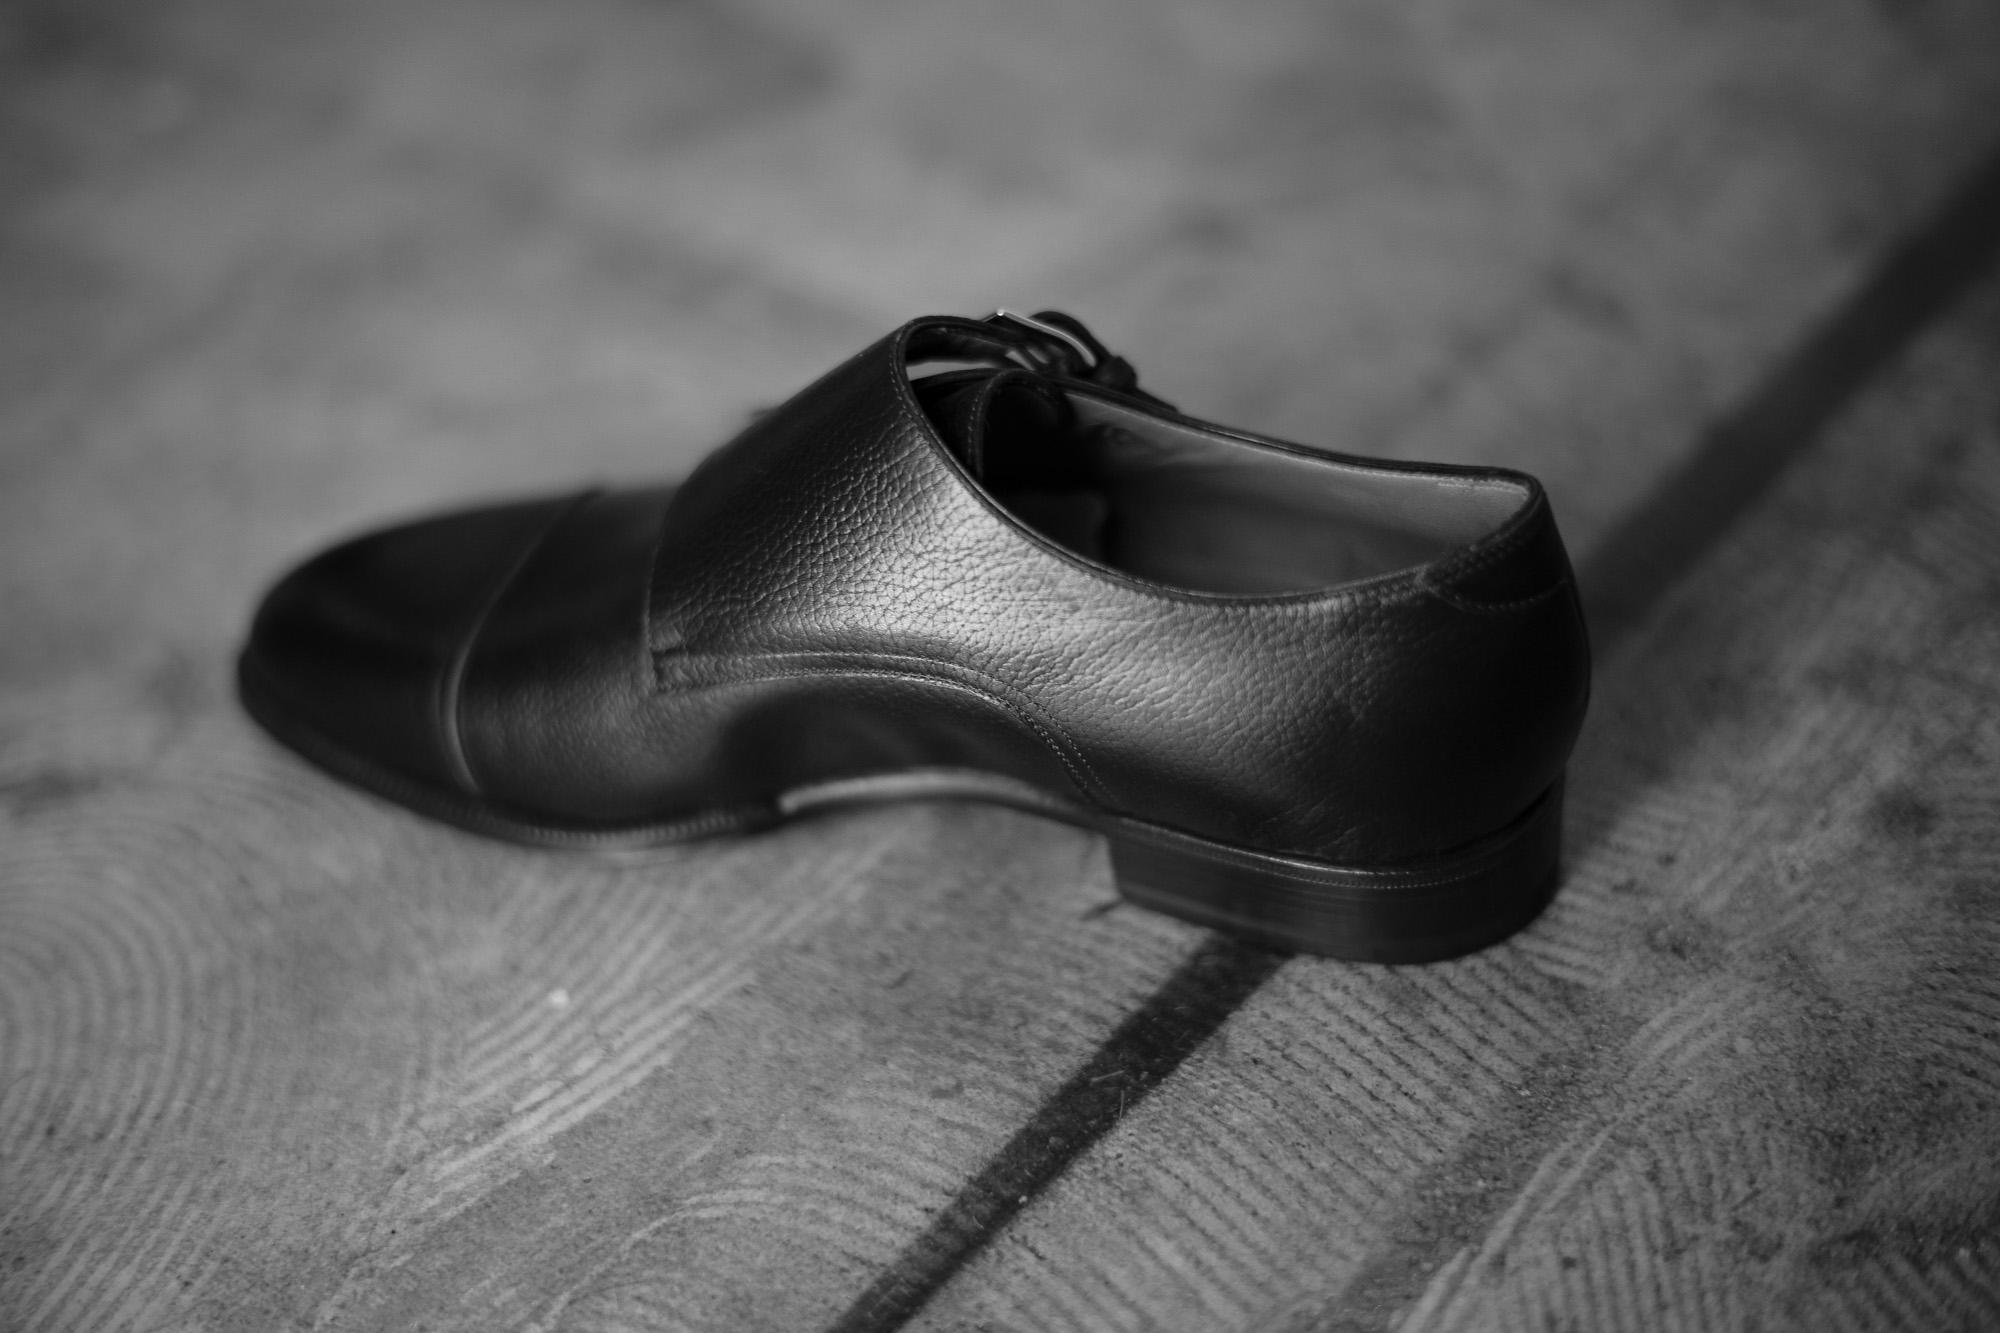 ENZO BONAFE(エンツォボナフェ) 【ART.EB-27】Double Monk Strap Shoes Horween Shell Cordovan leather ホーウィンシェルコードバン ダブルモンクストラップシューズ BOURBON(バーボン) made in italy(イタリア製) 2018 春夏 enzobonafe エンツォボナフェ doublemonk ダブルモンク レアカラー コードヴァン バーボン bourbon 愛知 名古屋 Alto e Diritto アルト エ デリット